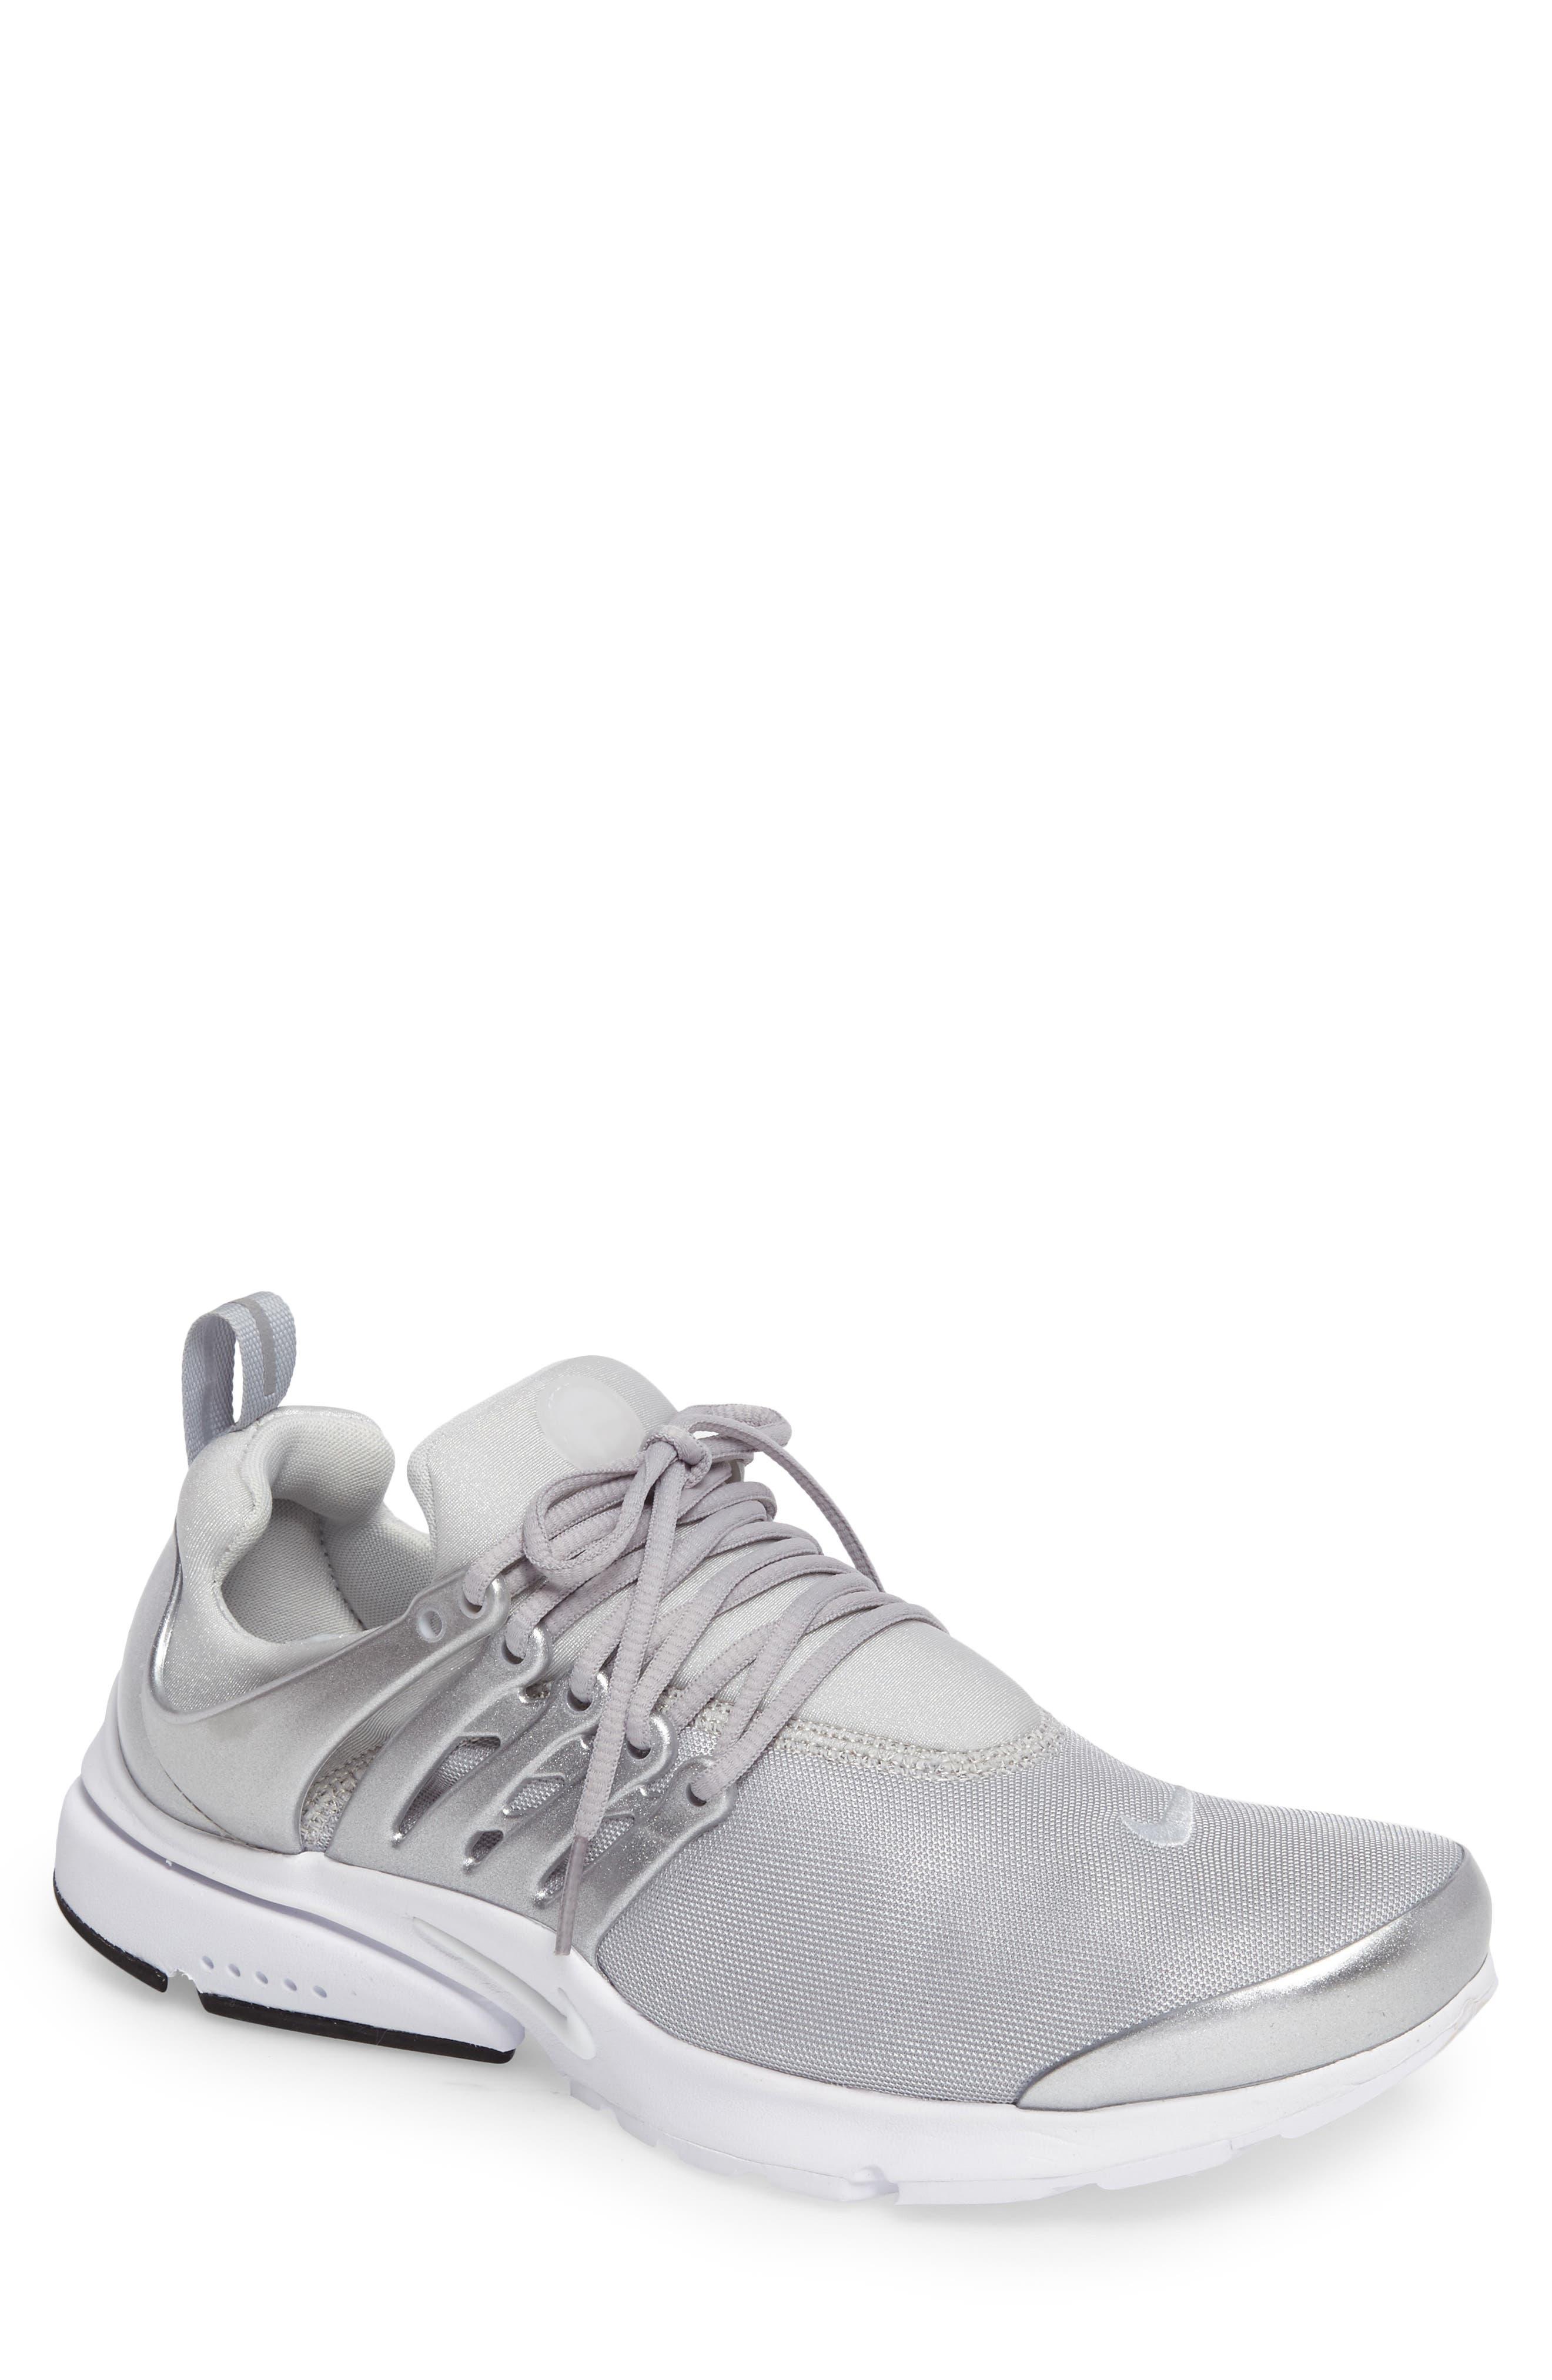 Air Presto Premium Sneaker,                             Main thumbnail 1, color,                             021